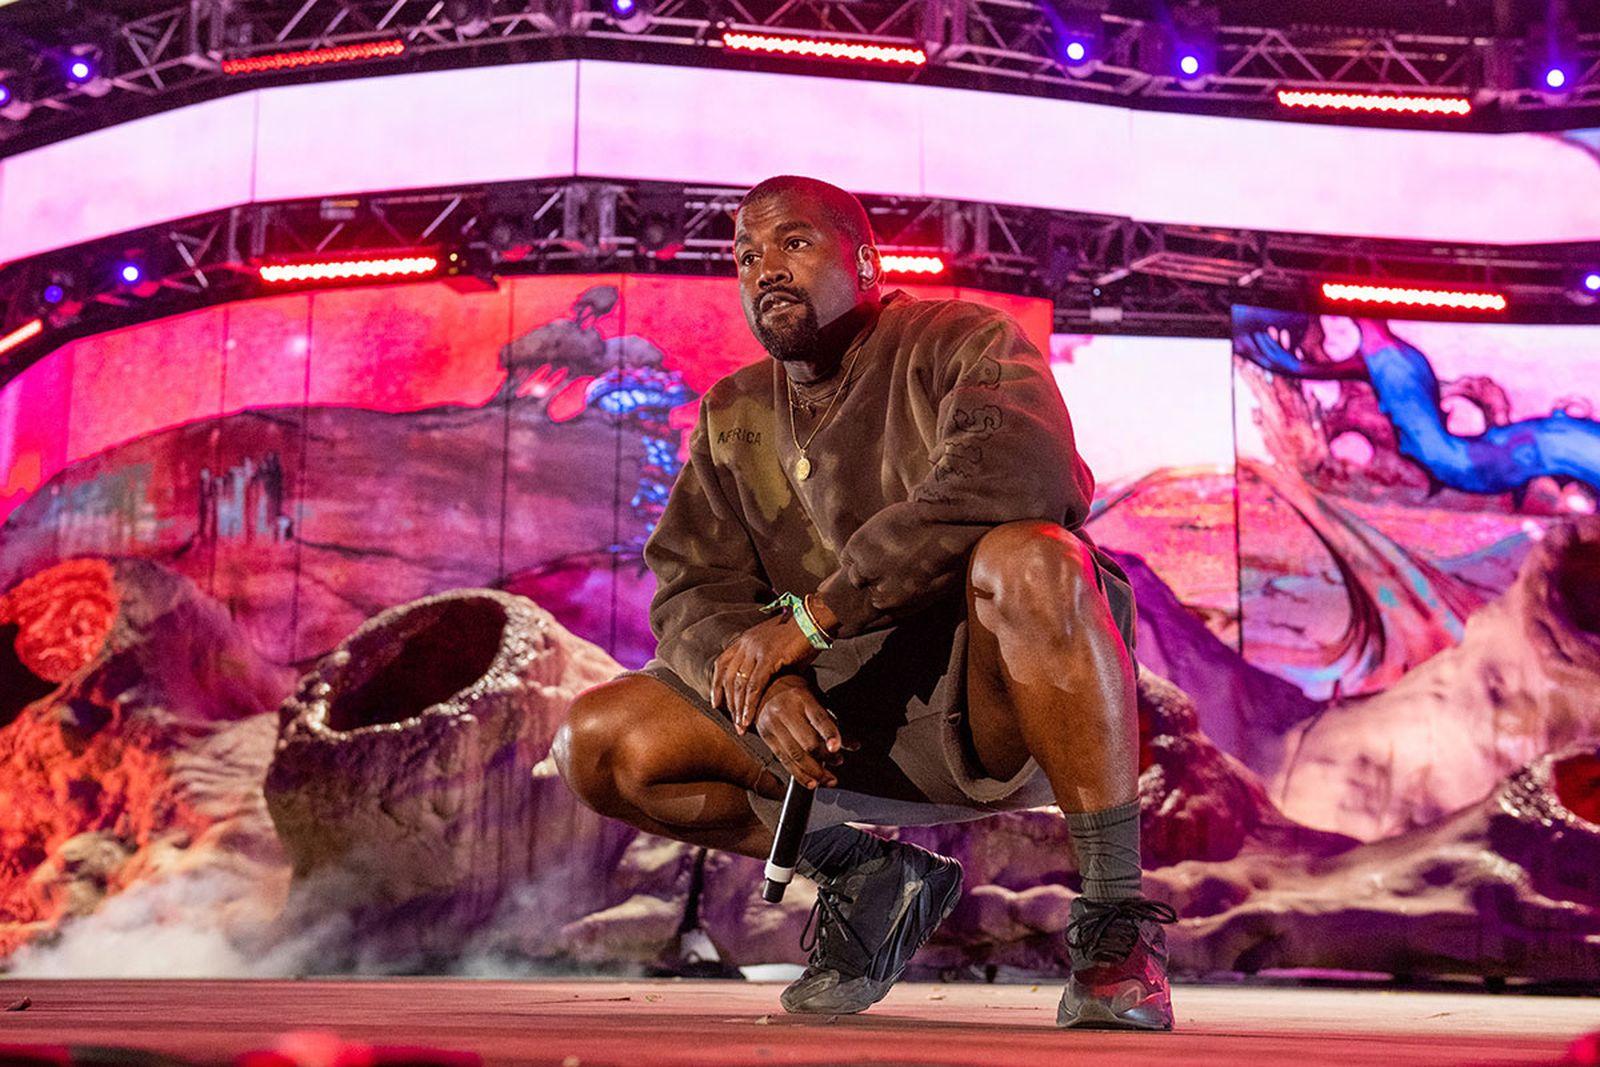 Kanye West at Coachella